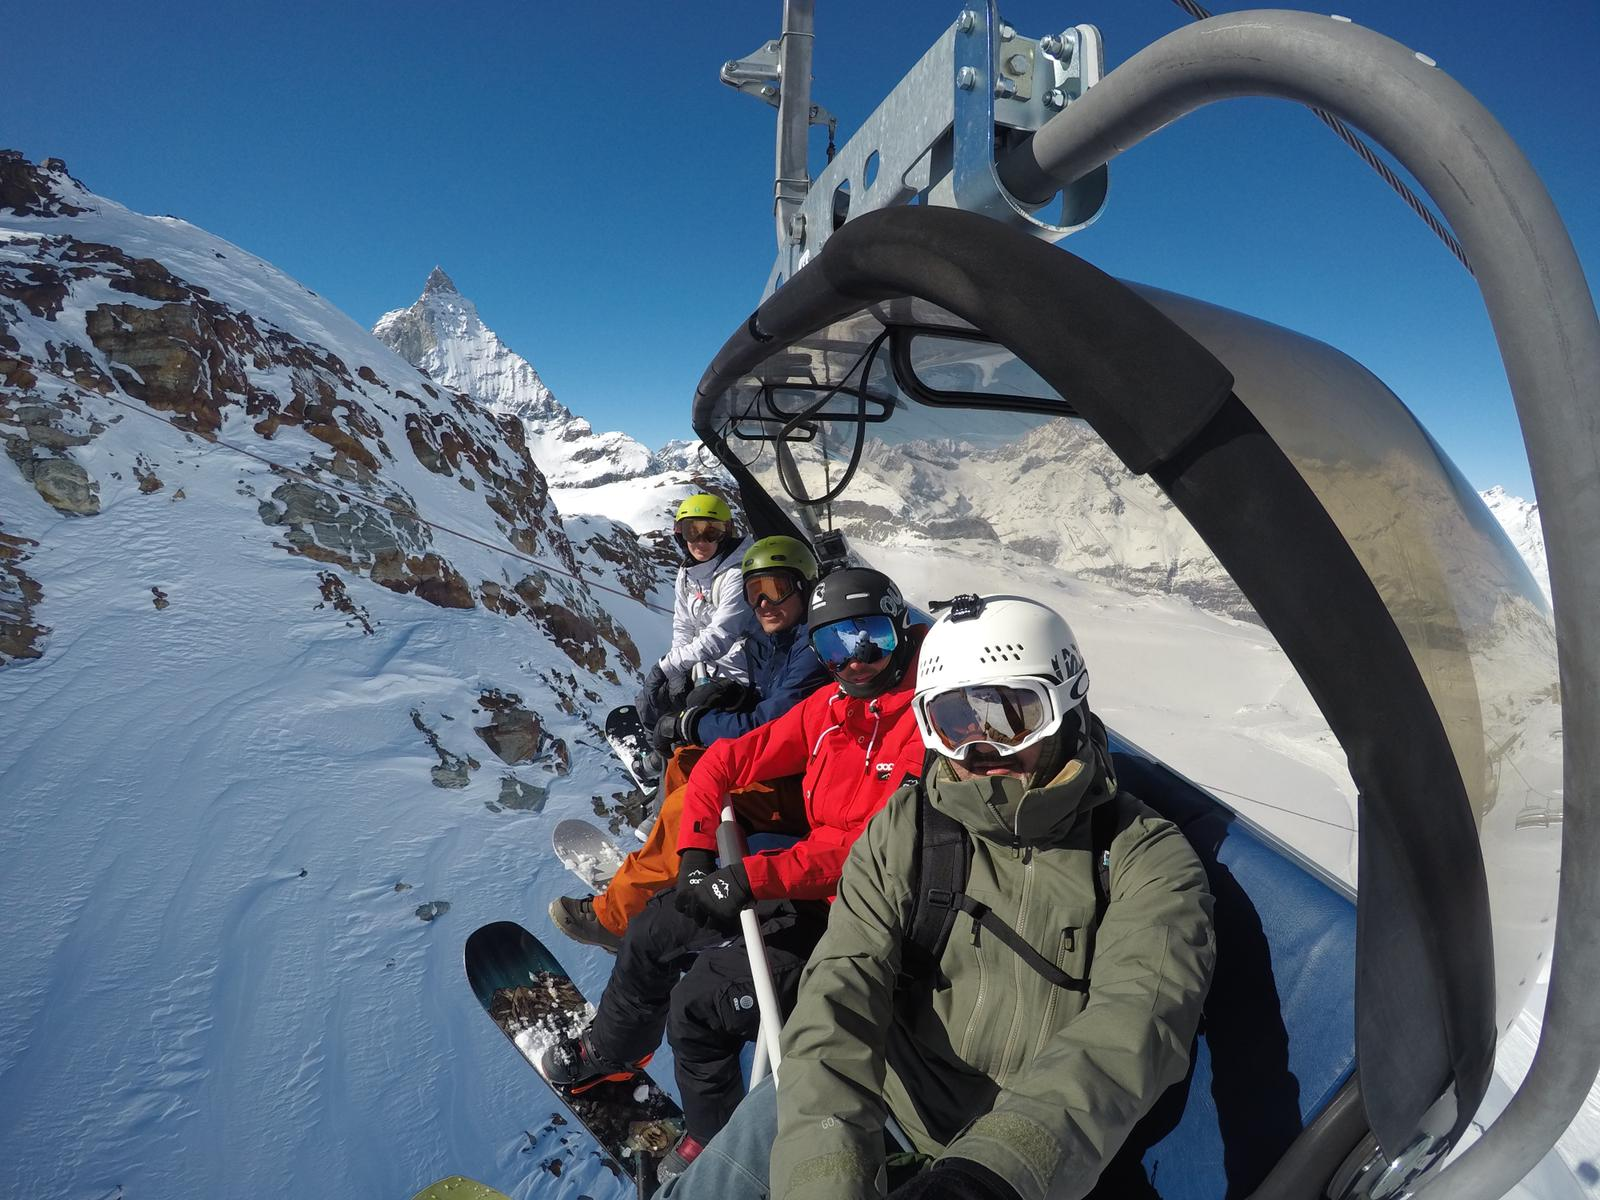 Zermatt Perche'